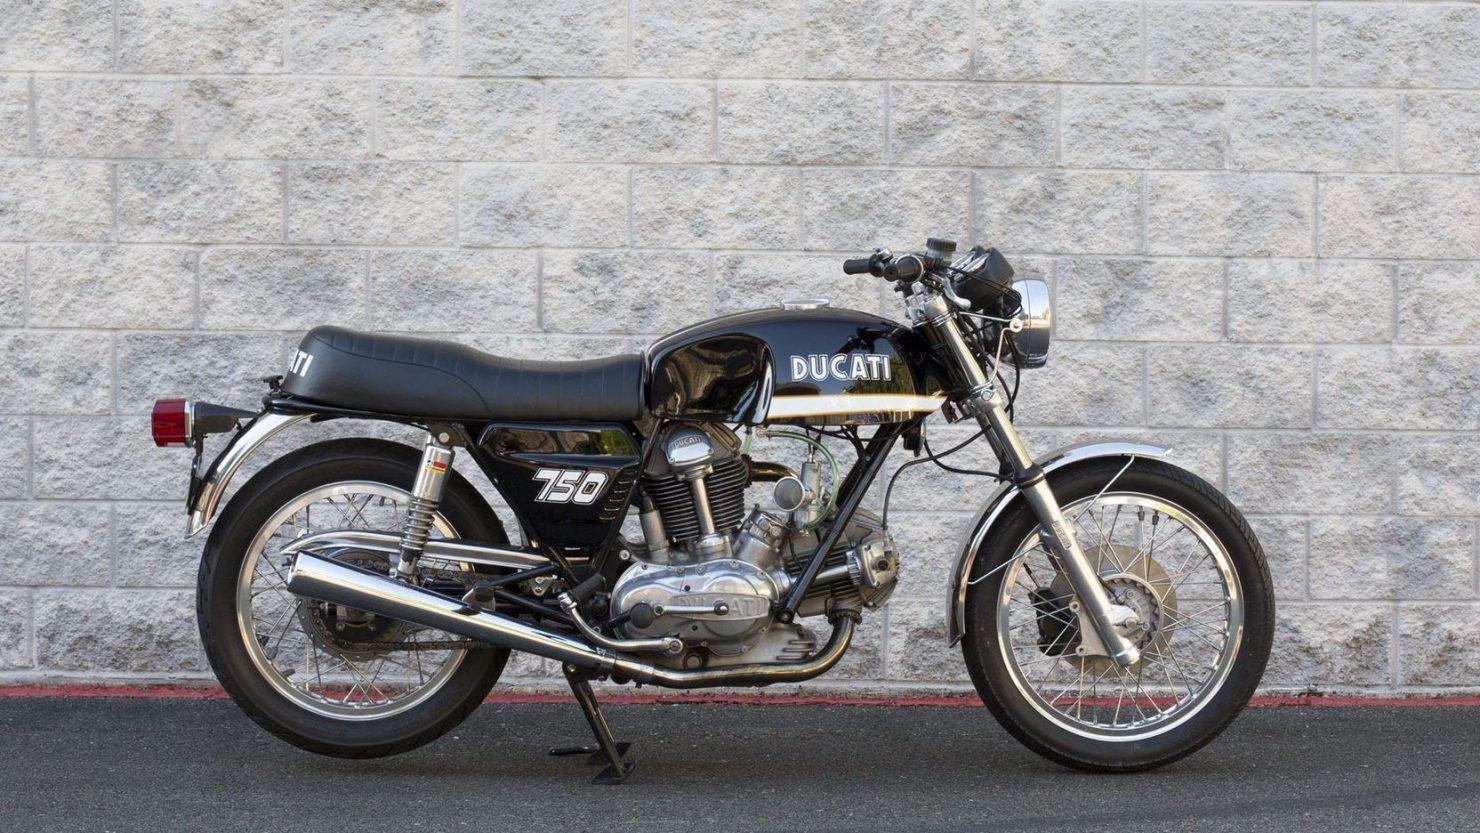 ducati 750gt 5 1480x833 - Original Sandcast 1971 Ducati 750 GT